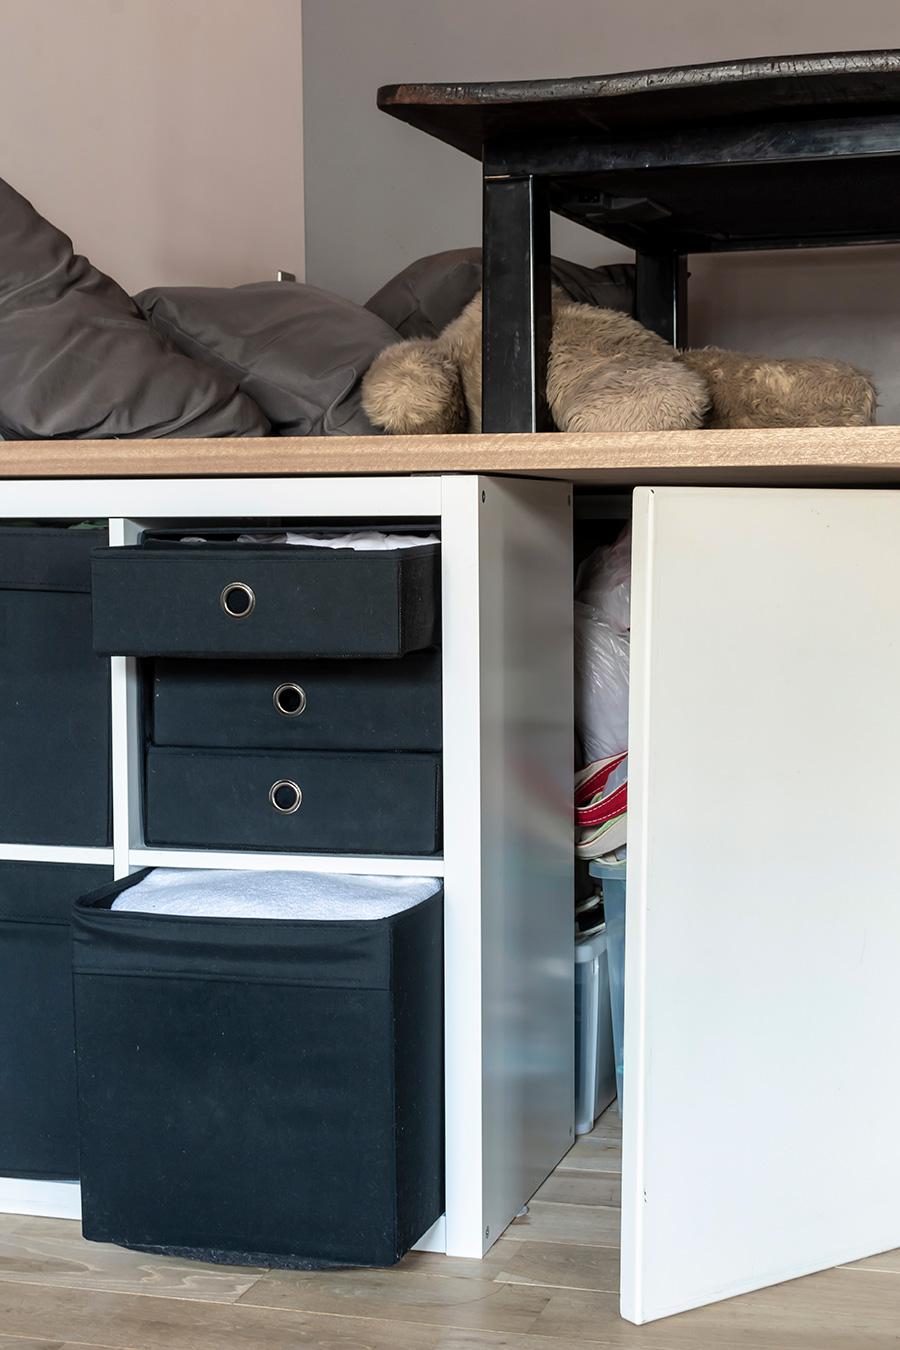 ベッド下の収納棚は、IKEAのアイテムで揃えた。